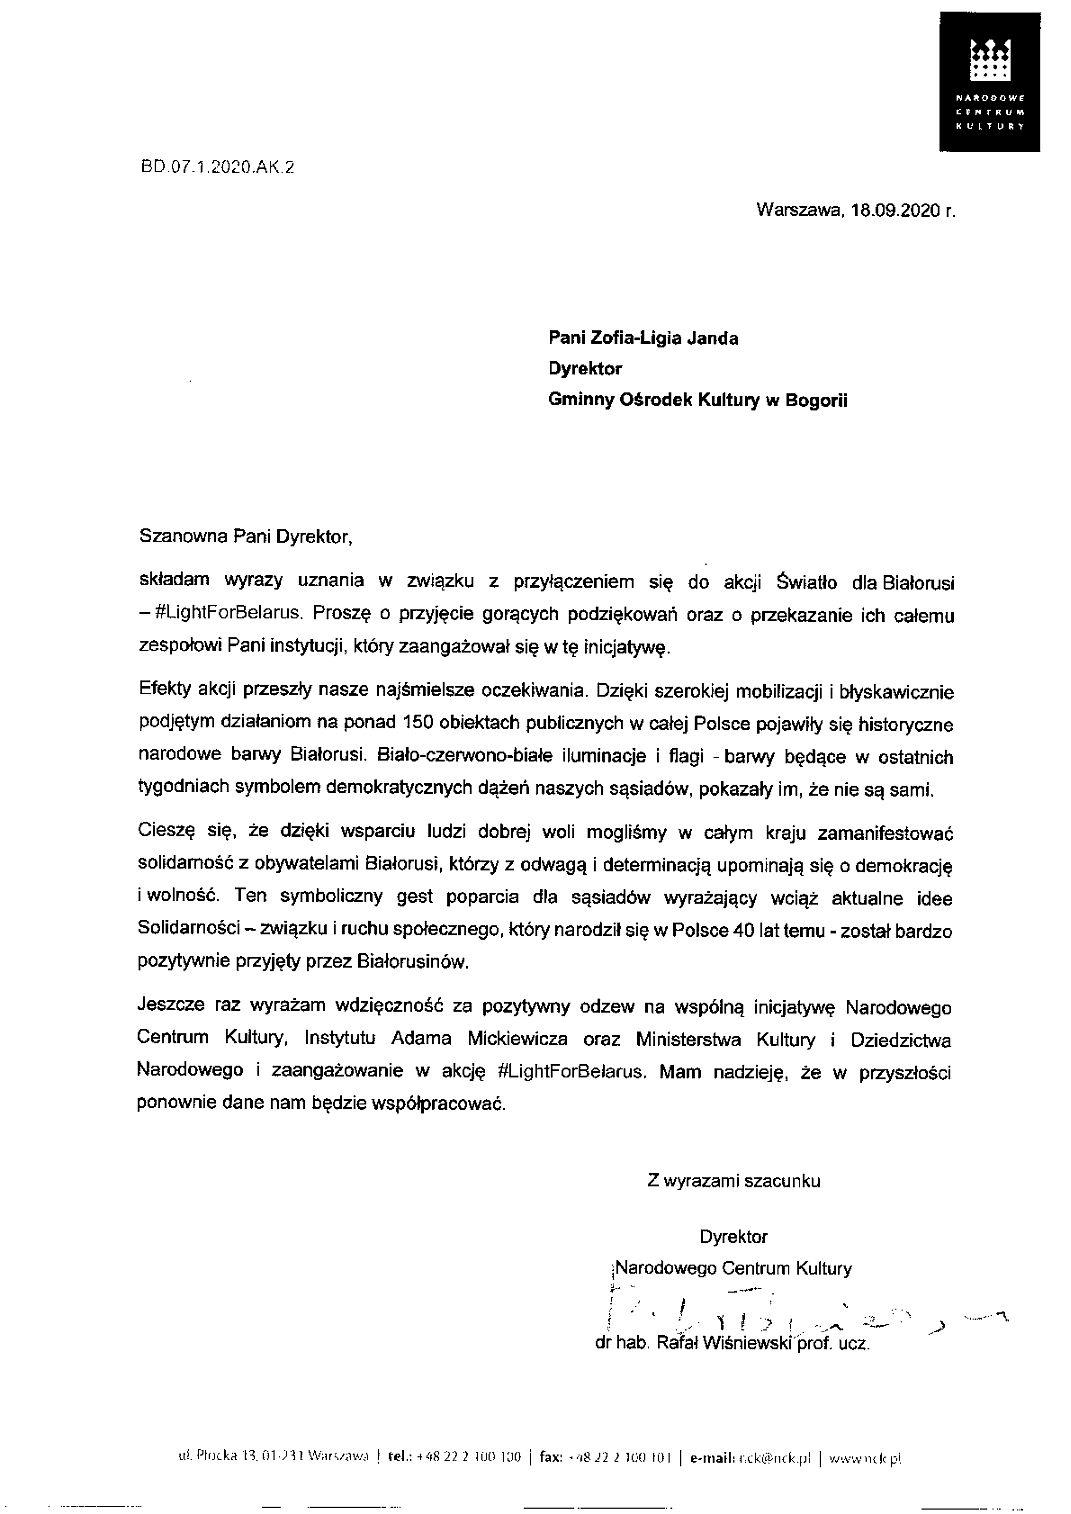 Podziękowania za udział w akcji - Światło dla Białorusi